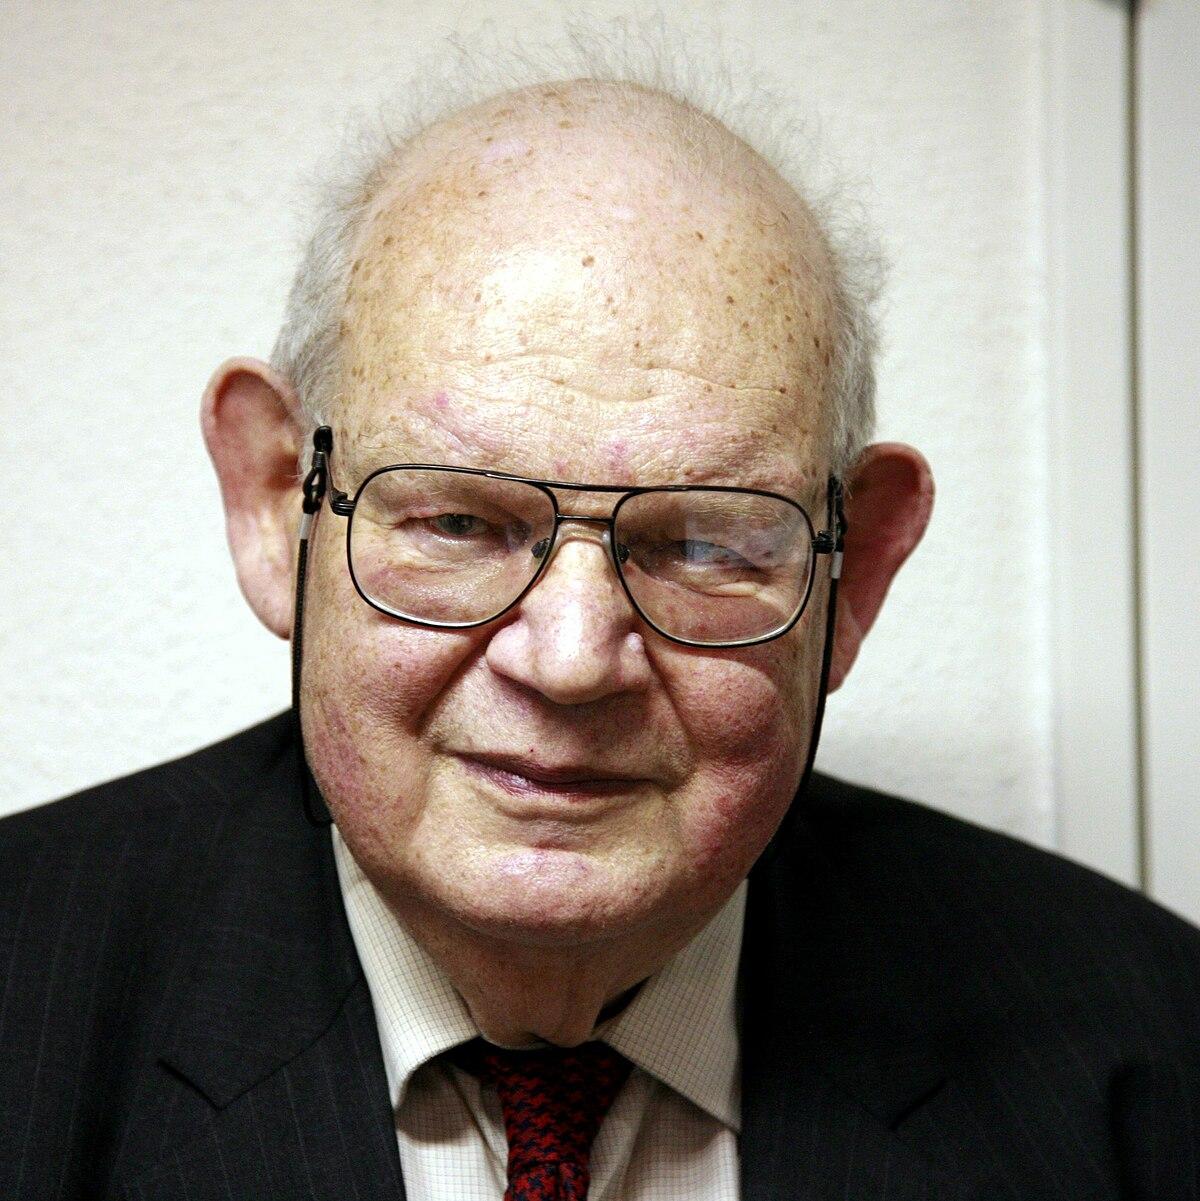 Ͽ������ Ͽ�������� Ͽ�������� Ͽ�������������� Ͽ������: Benoît Mandelbrot